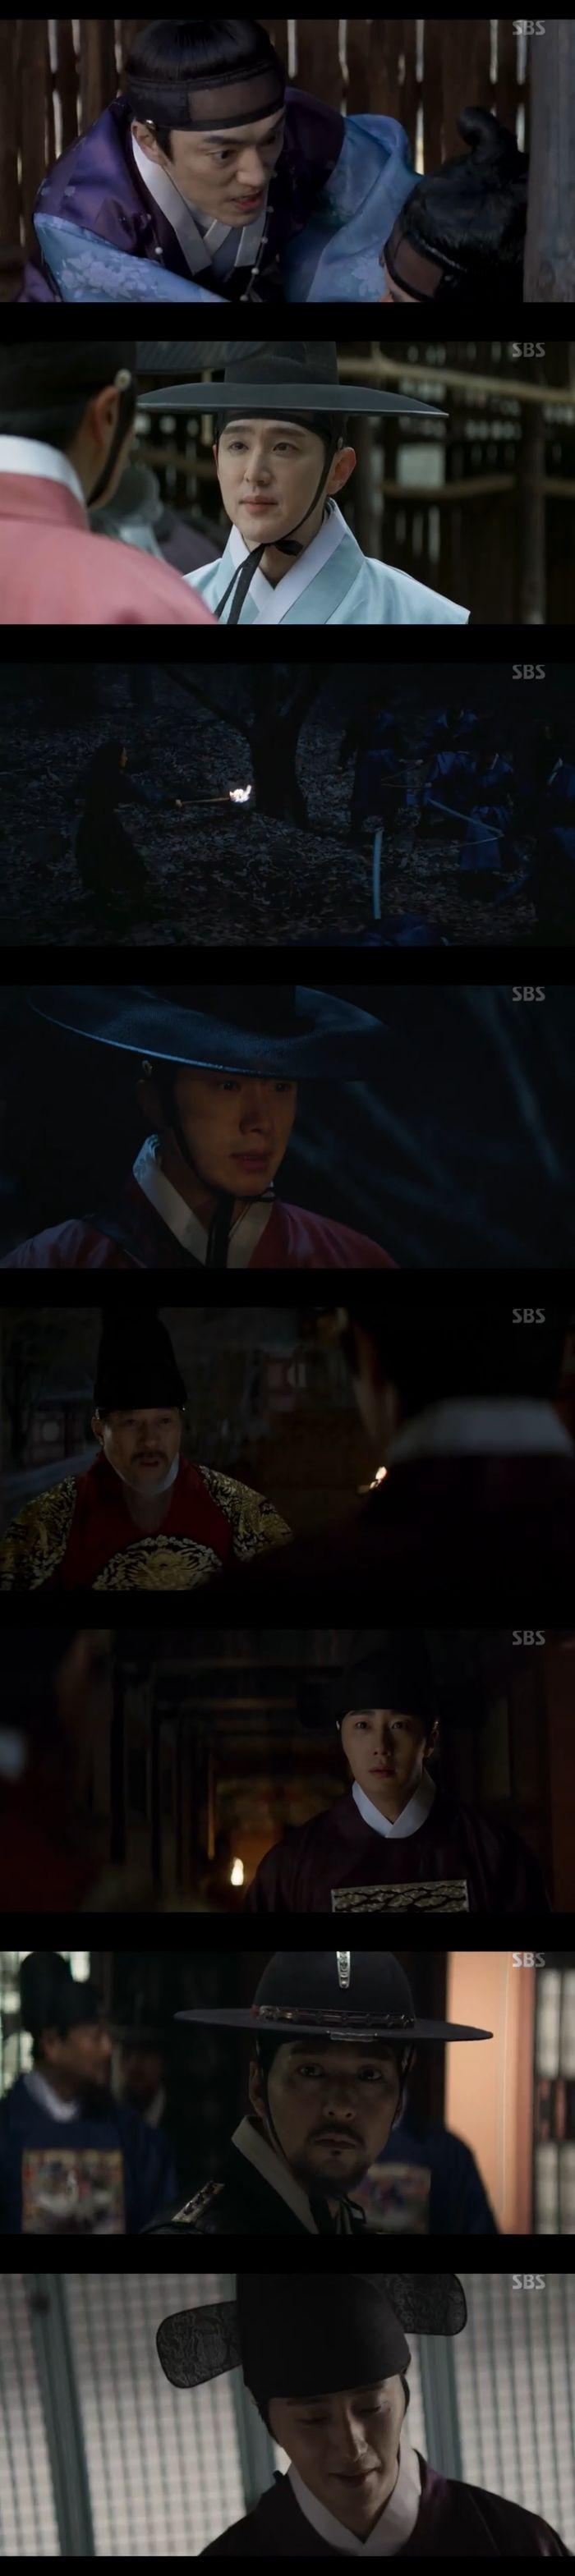 """[스브스夜] '해치' 김갑수, 정일우에 """"나는 곧 죽으니 네 모습을 세상에 알려달라"""""""